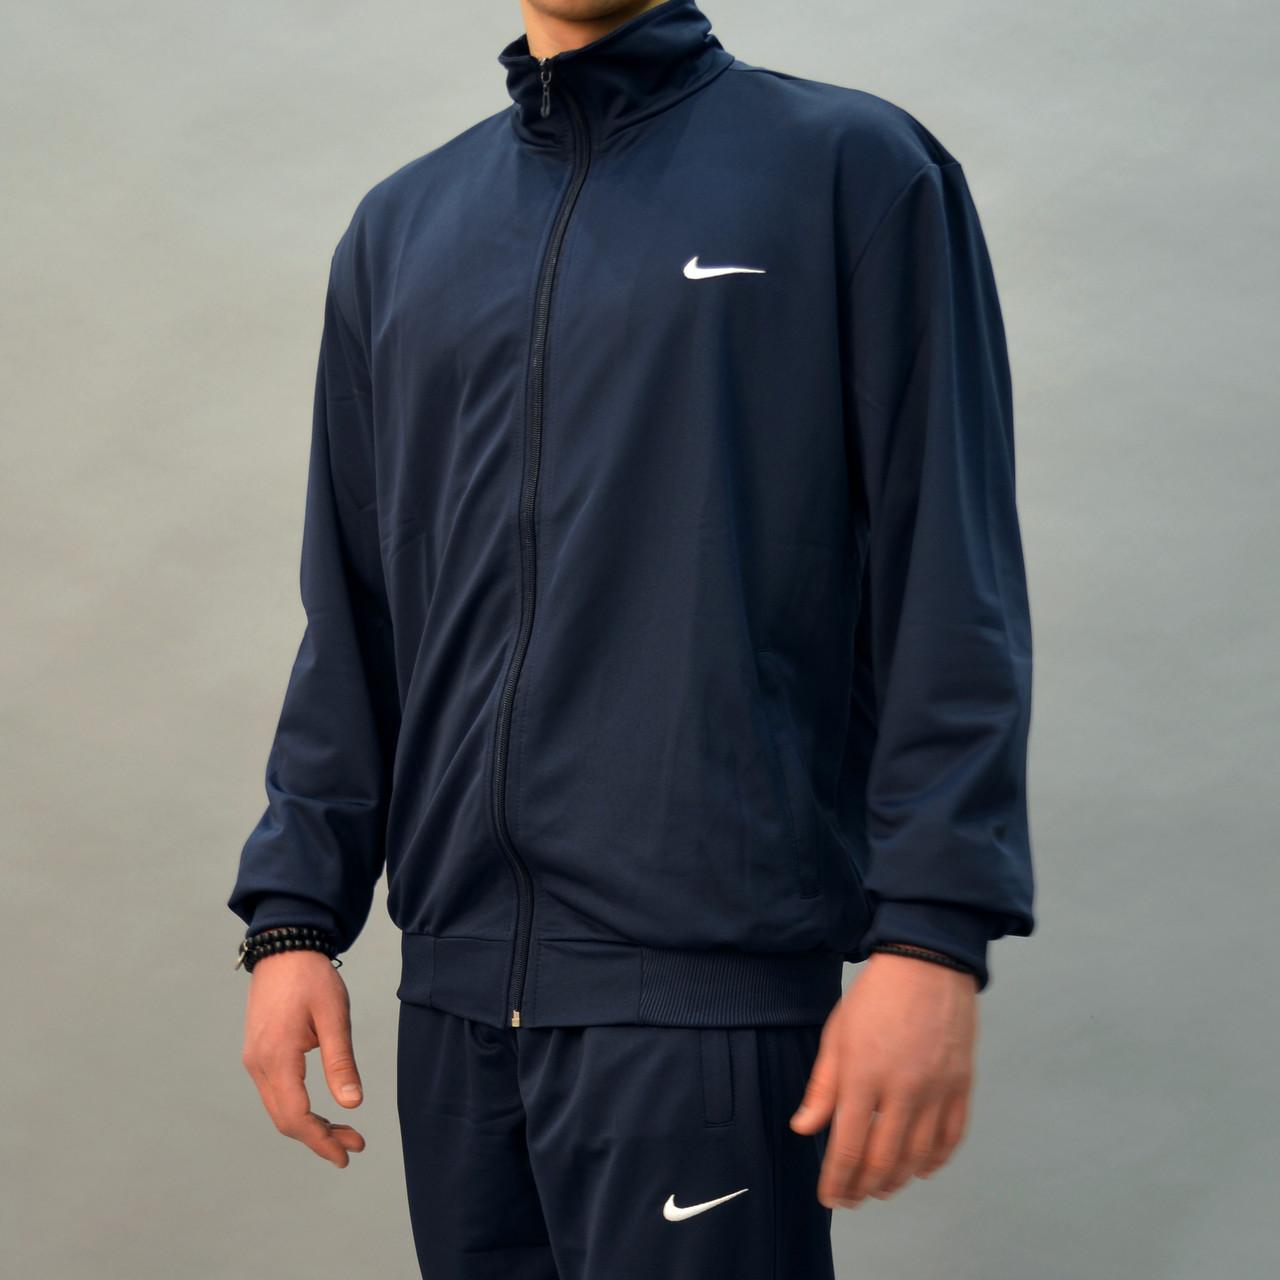 6ff6f3a0 Большие размеры:50-56, Темно-синий мужской спортивный костюм Nike (Найк